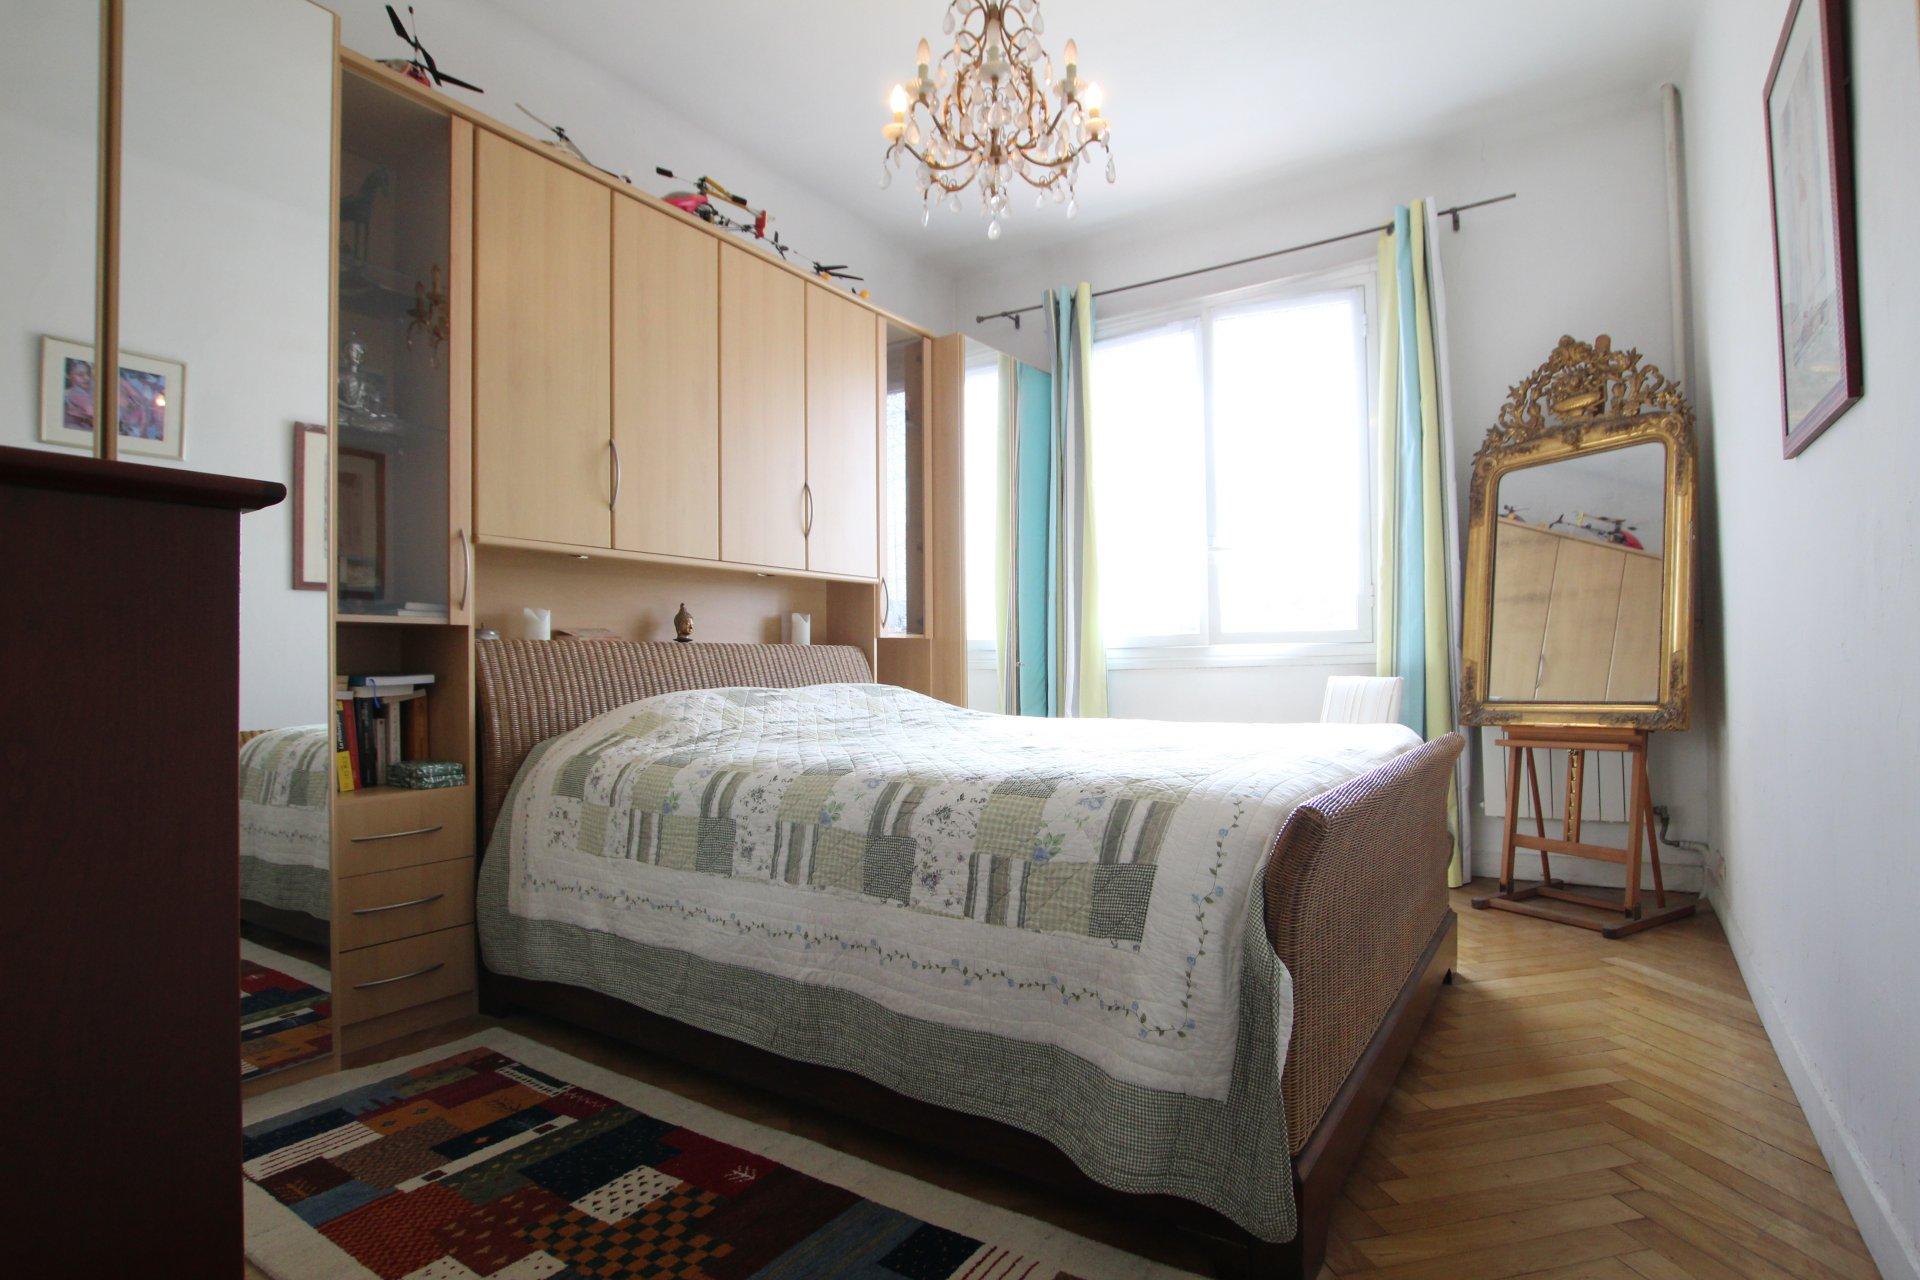 NICE Chambrun - 3 bedrooms, garden